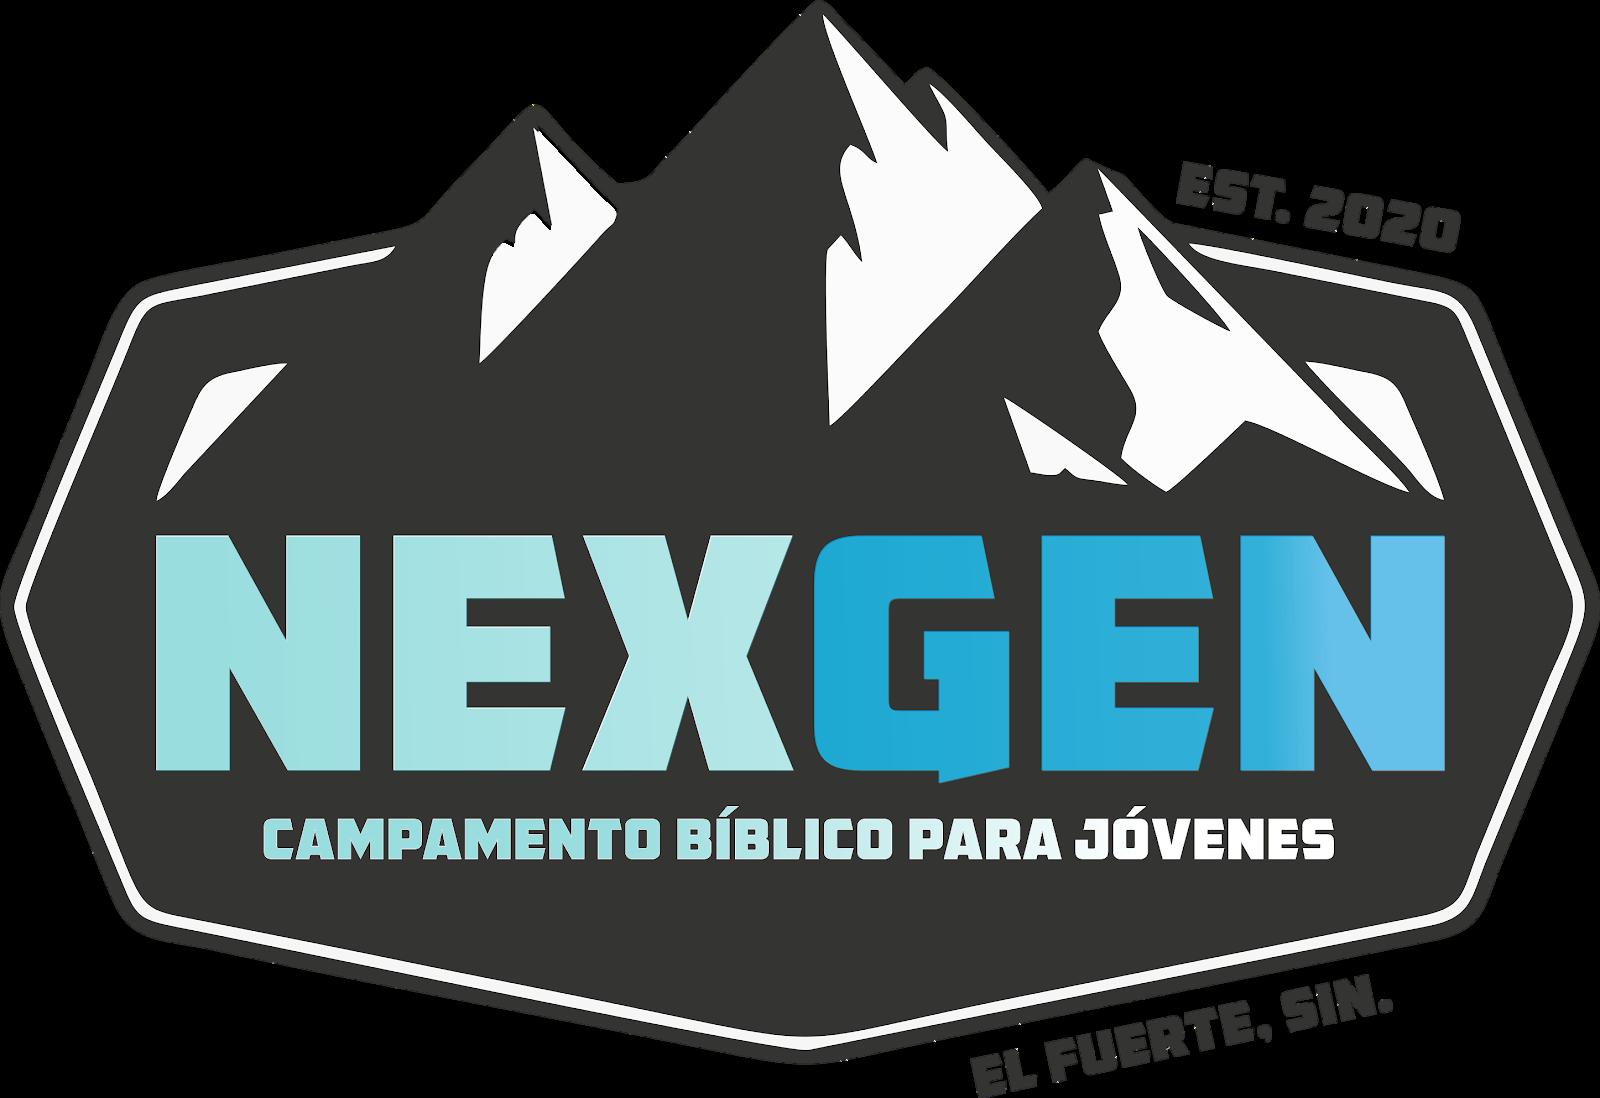 NEXGEN campamento biblico para jovenes